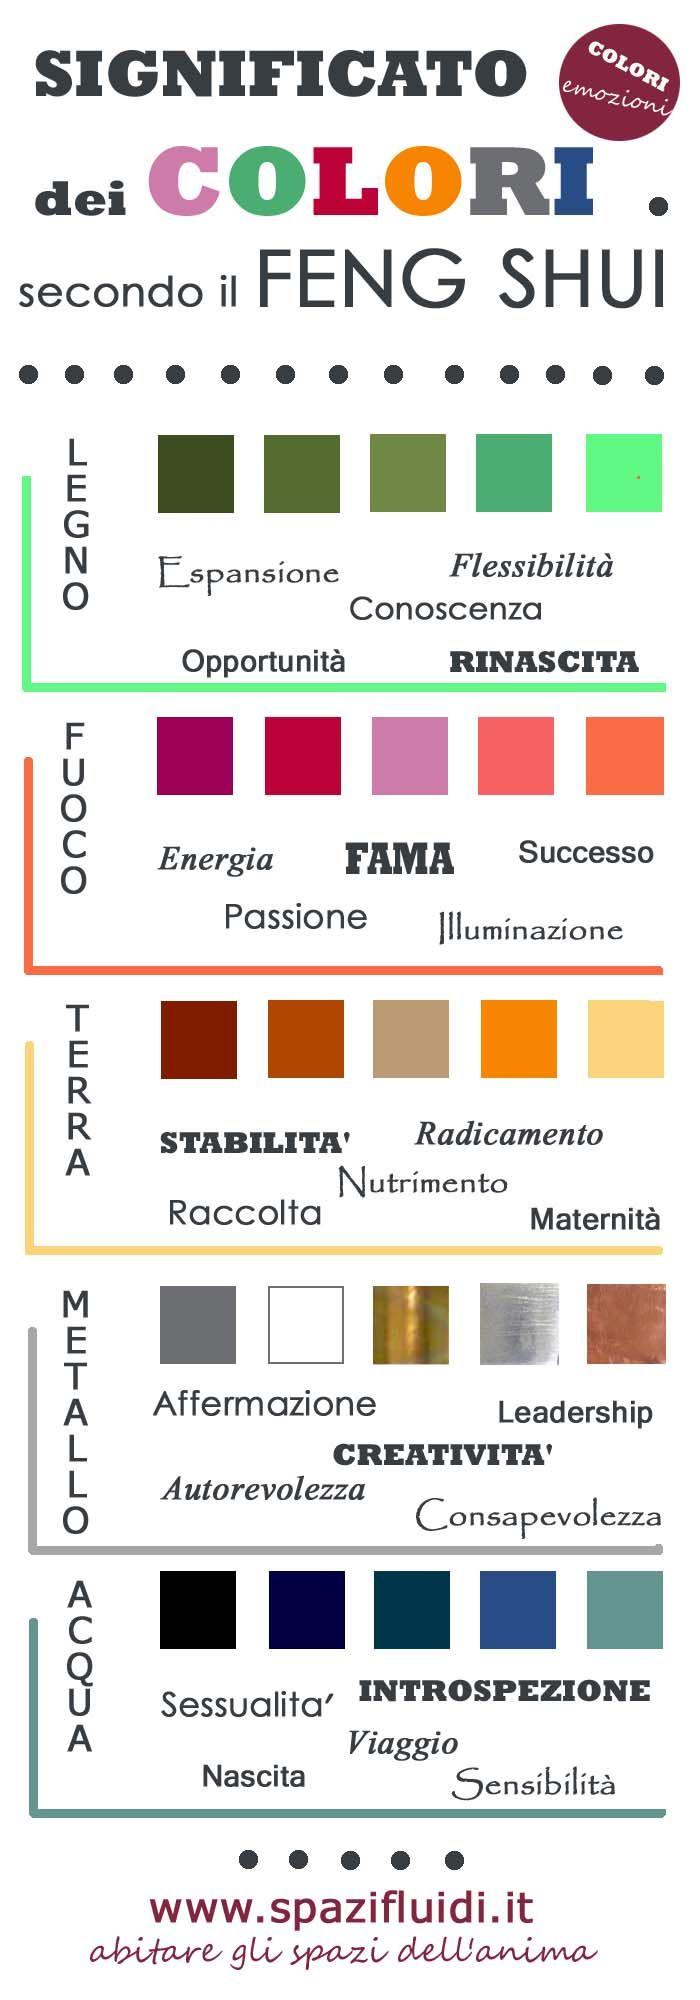 [Infografica] Tinteggiare casa: significato dei colori secondo il feng shui : SPAZI FLUIDI     #fengshui #colori #tinte